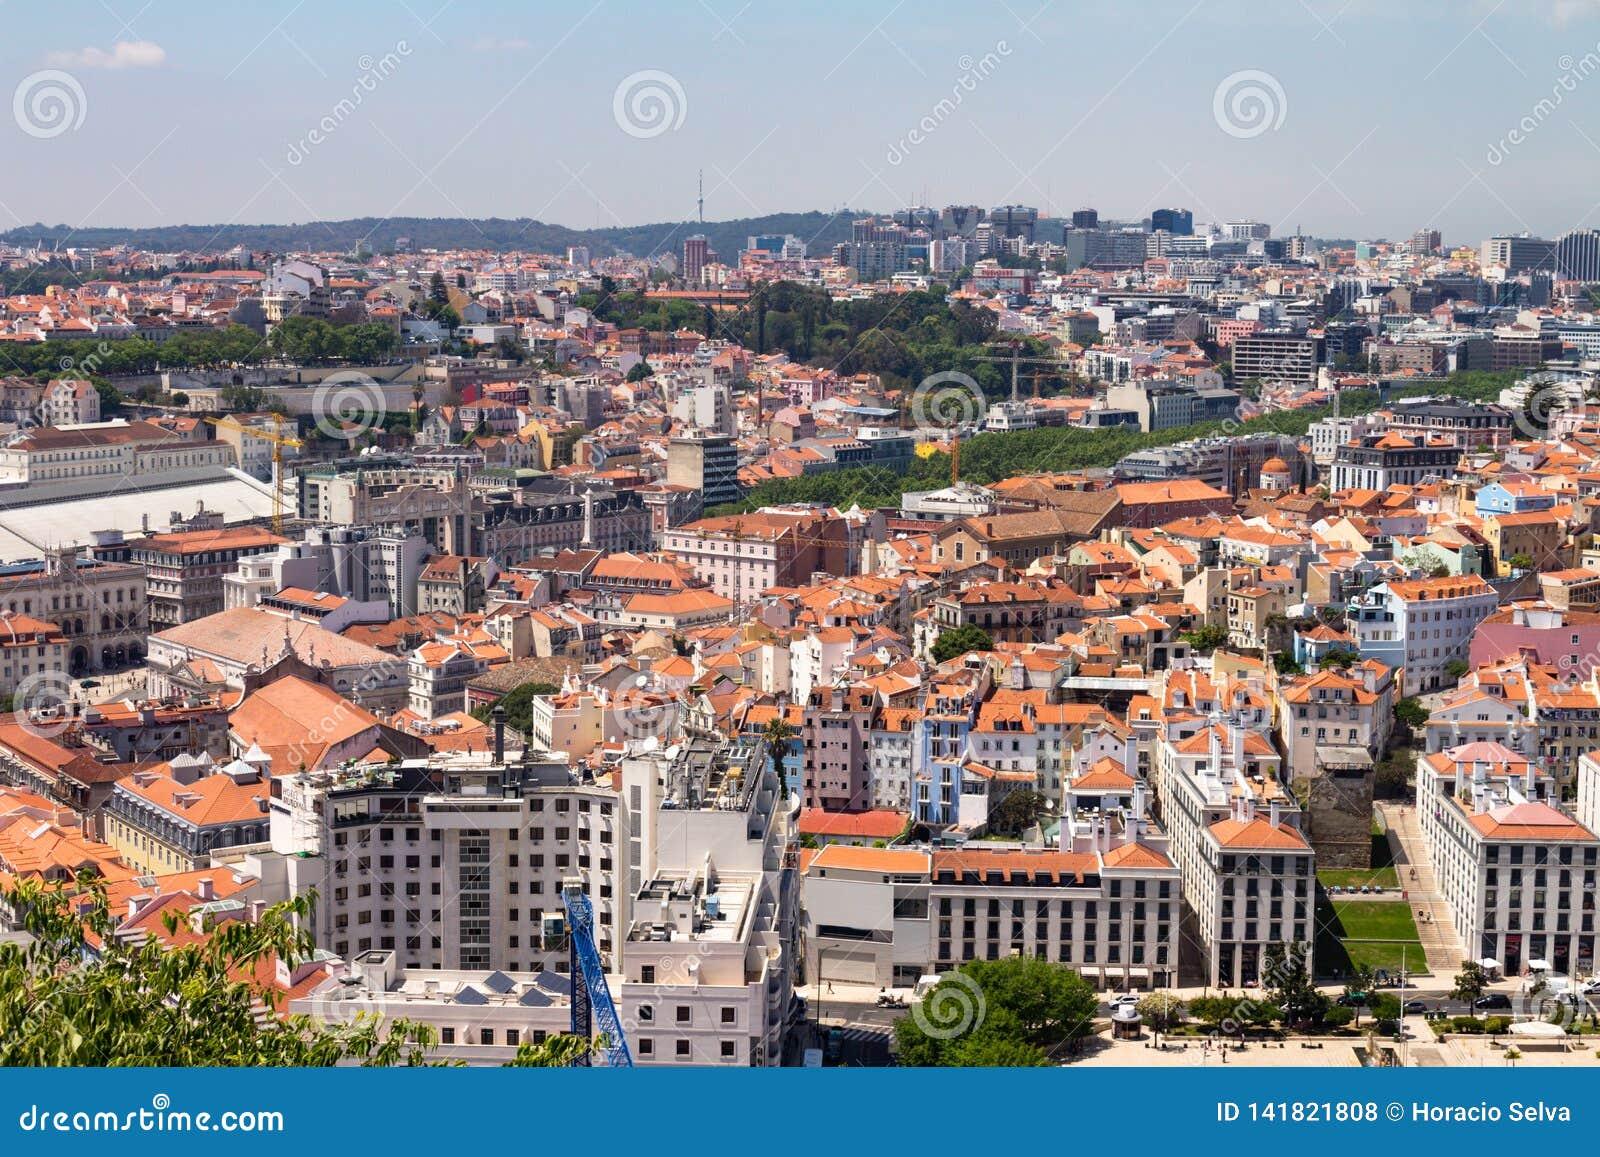 Lissabon Portugal 7. Mai 2018 Panoramablick einiger Gebäude der Stadt errichtet auf den Hügeln Typische Dächer von roten Fliesen